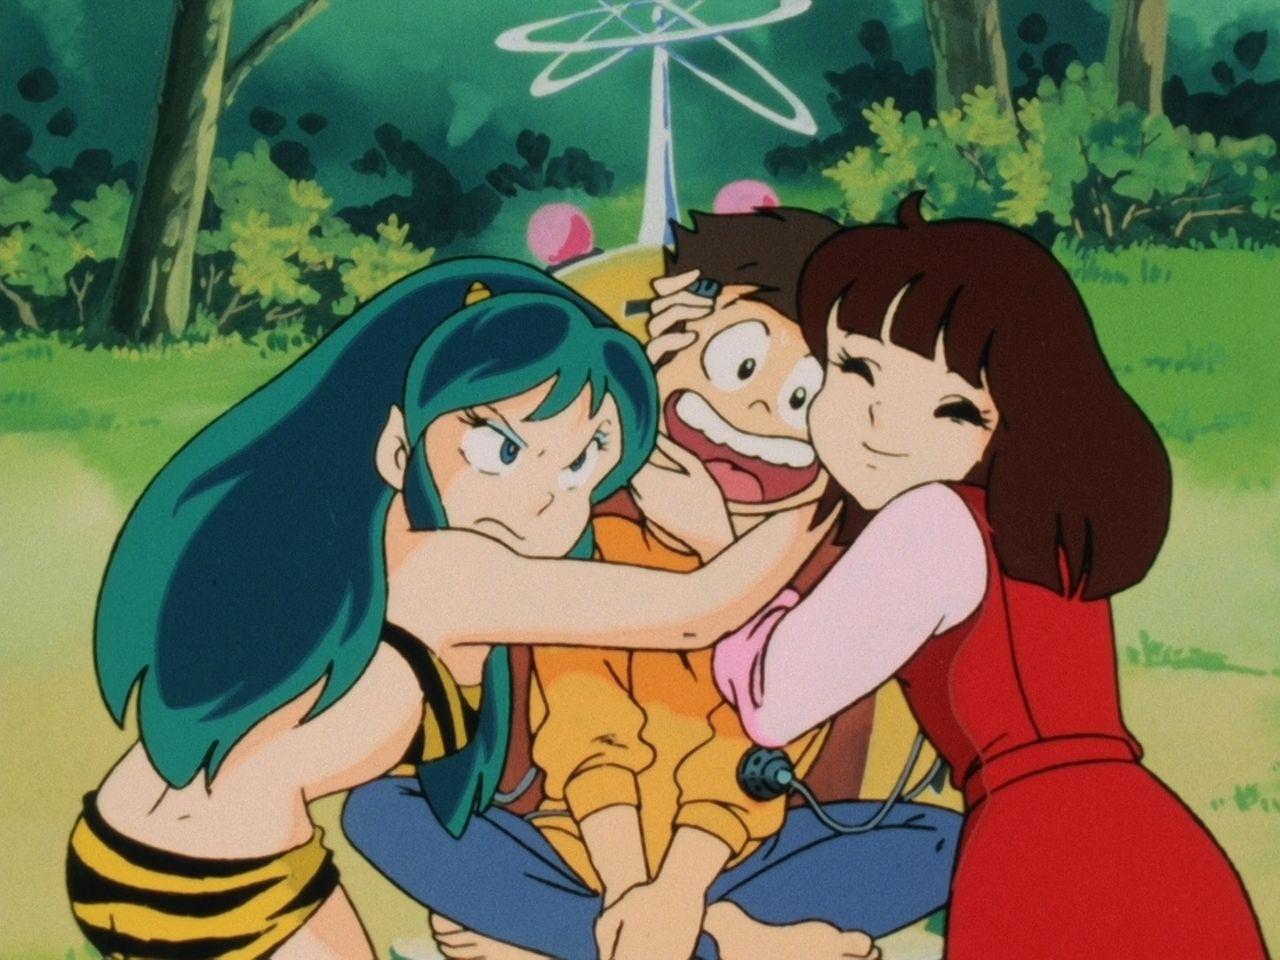 lum ataru shinobu   80s cartoons, Anime, Anime fan